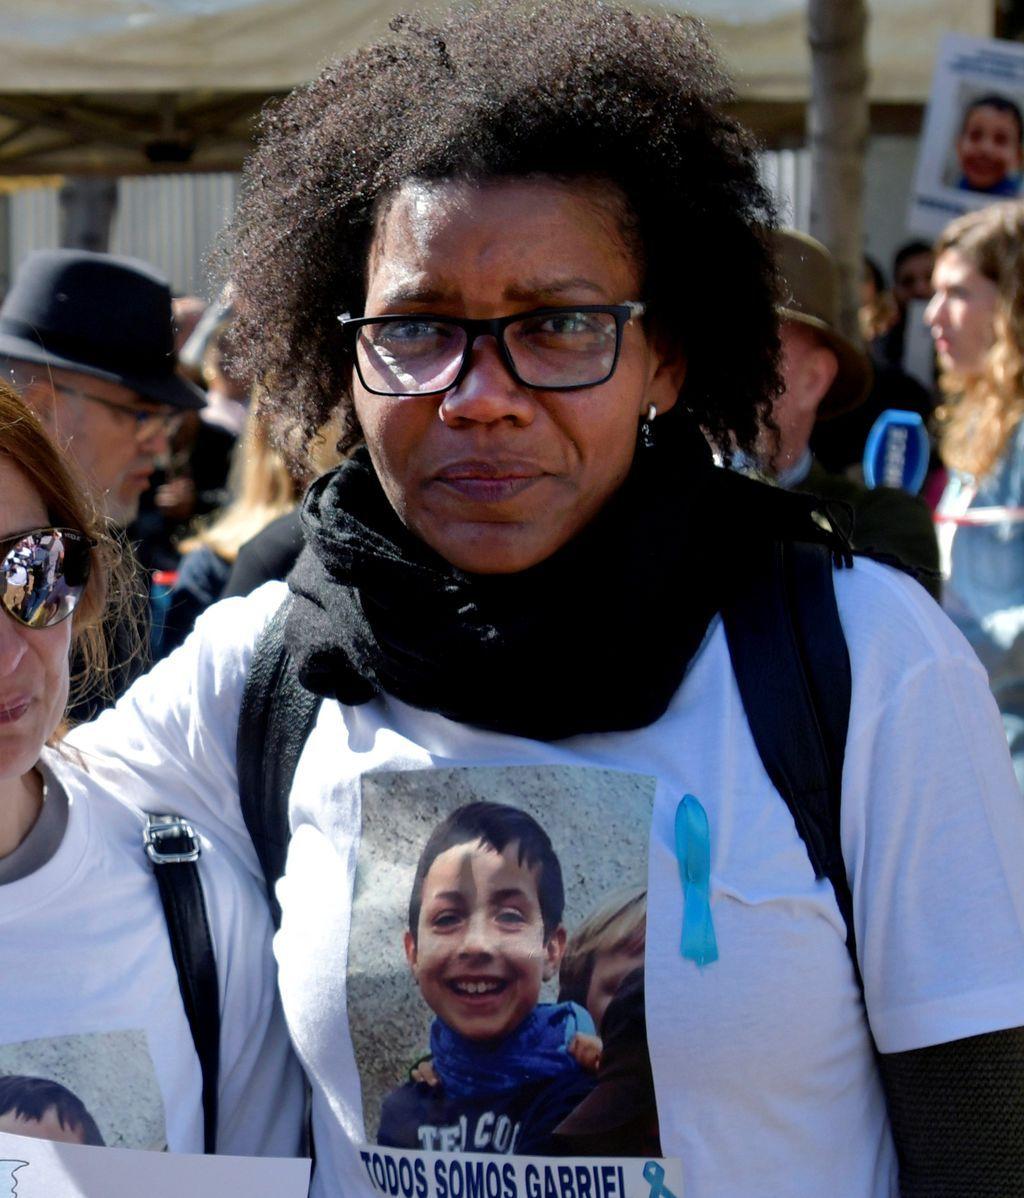 El hallazgo de la camiseta con ADN de Gabriel aumentó las sospechas sobre Ana